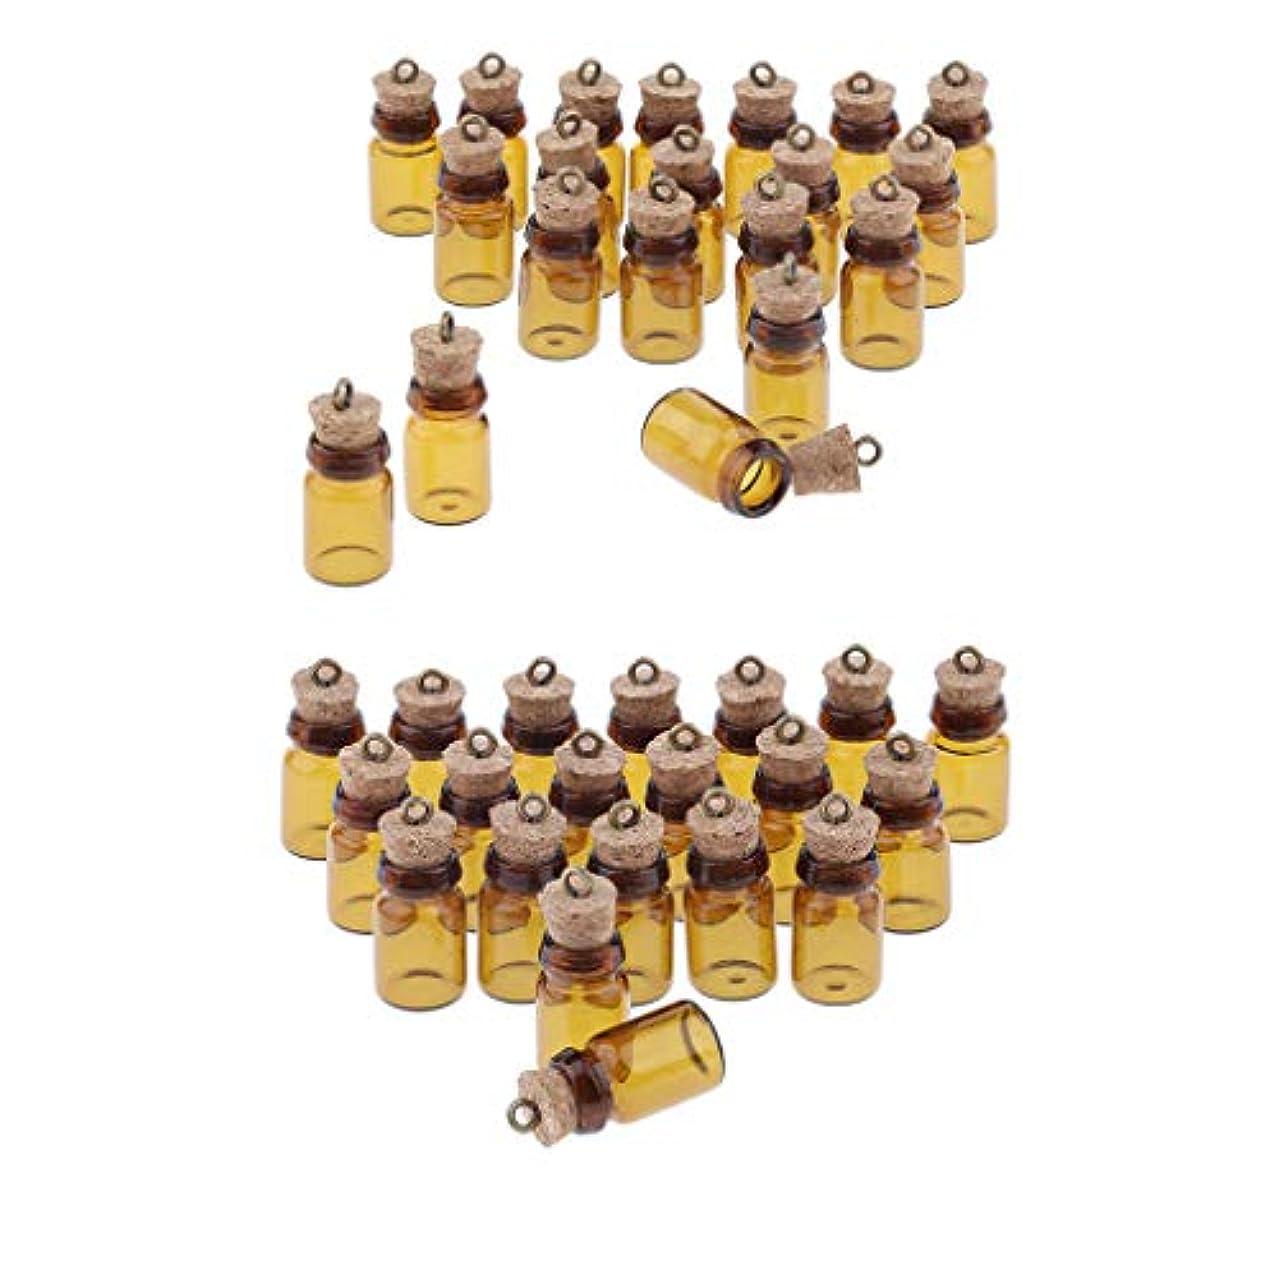 スペアコンプリート論文Perfeclan 遮光瓶 ガラス瓶 保存容器 コルク栓付き エッセンシャルオイル 香水 詰替え 収納アクセサリー 約20本